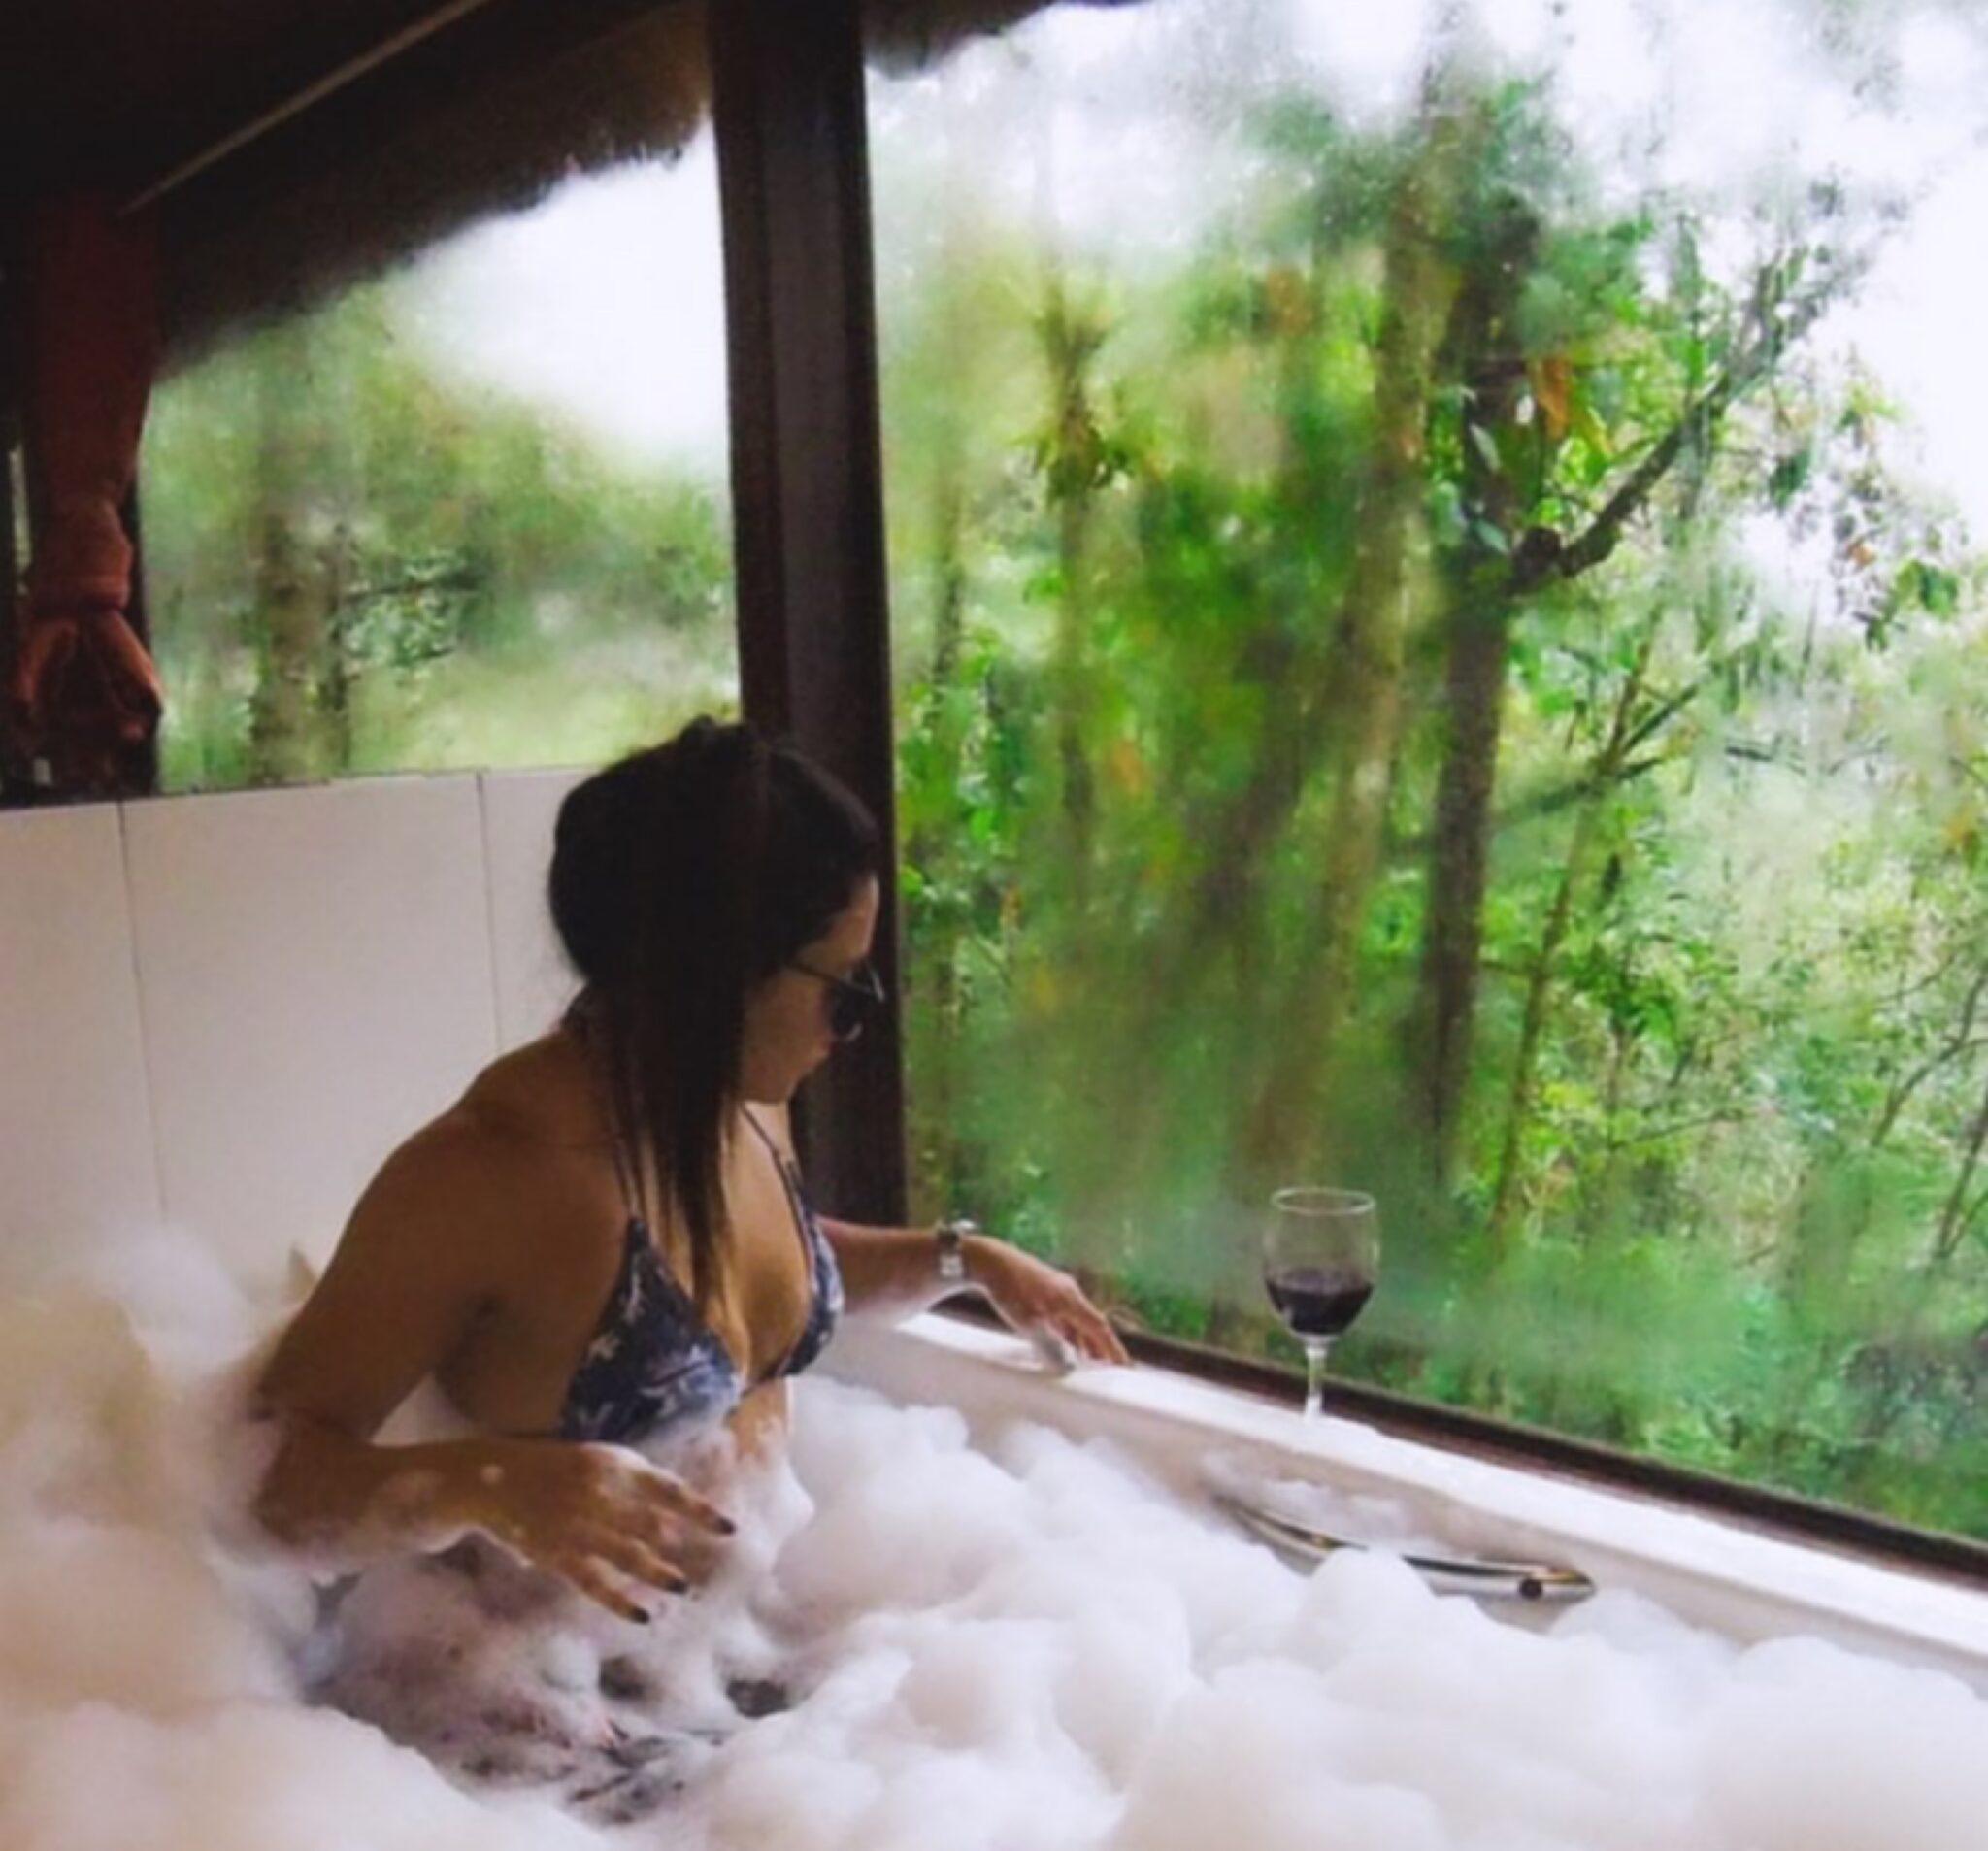 Moça dentro da banheira de biquíni, tomando vinho ao lado de uma janela ampla com vista da mata de Visconde de Mauá